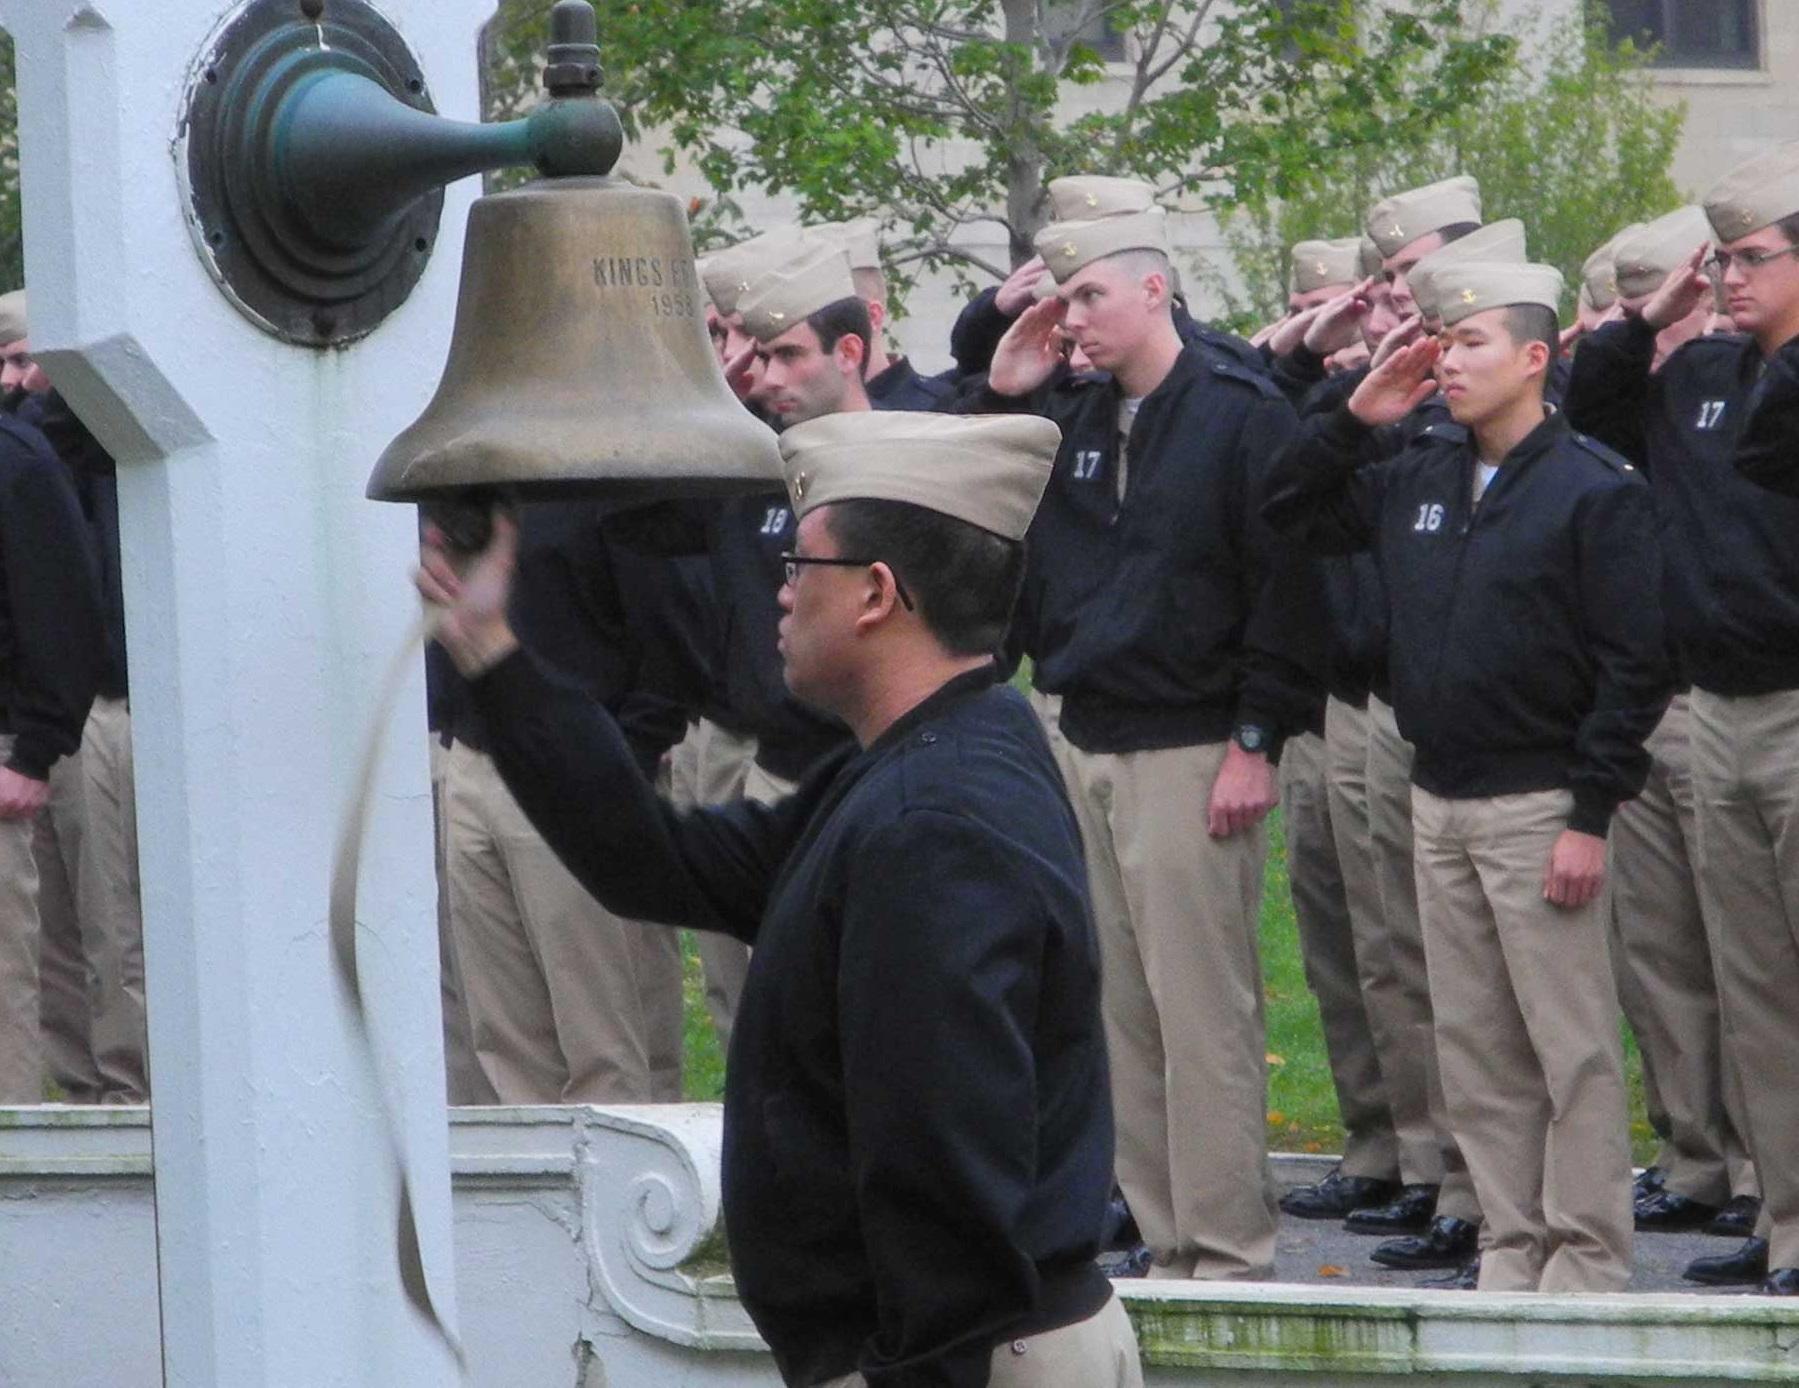 33 bells